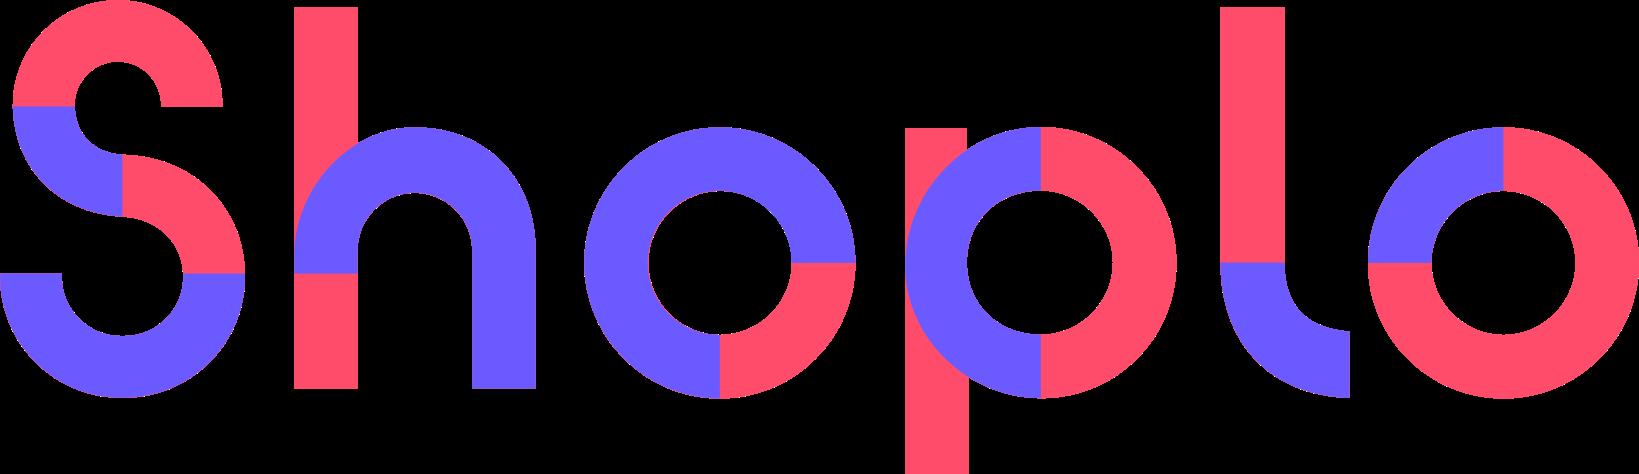 Logo narzędzia do tworzenia sklepów internetowych Shoplo